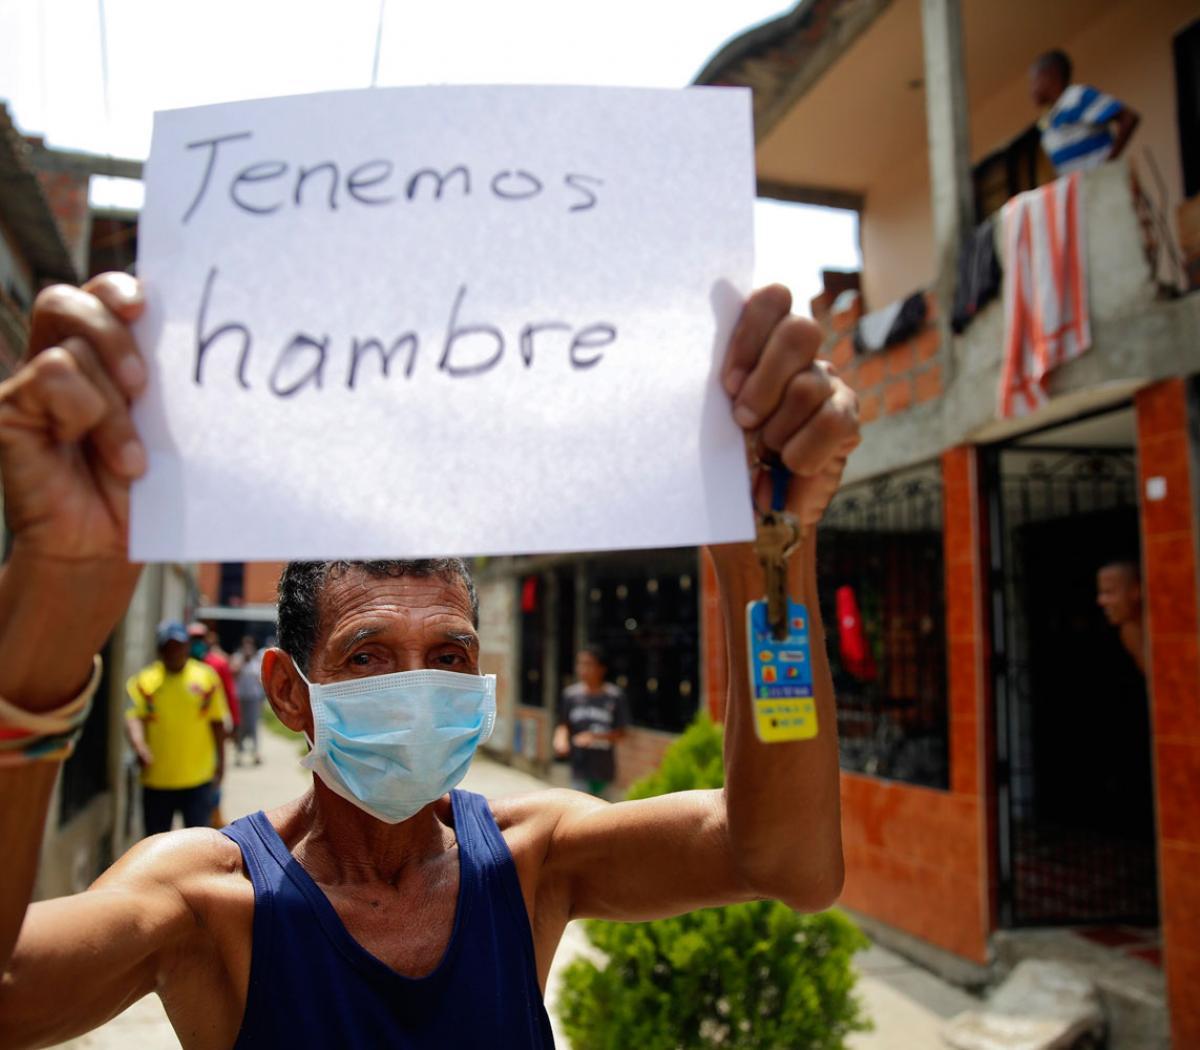 Coronavirus: Saqueos y disturbios se hacen evidentes en Colombia en plena cuarentena; Latinoamérica suma más de 100.000 casos